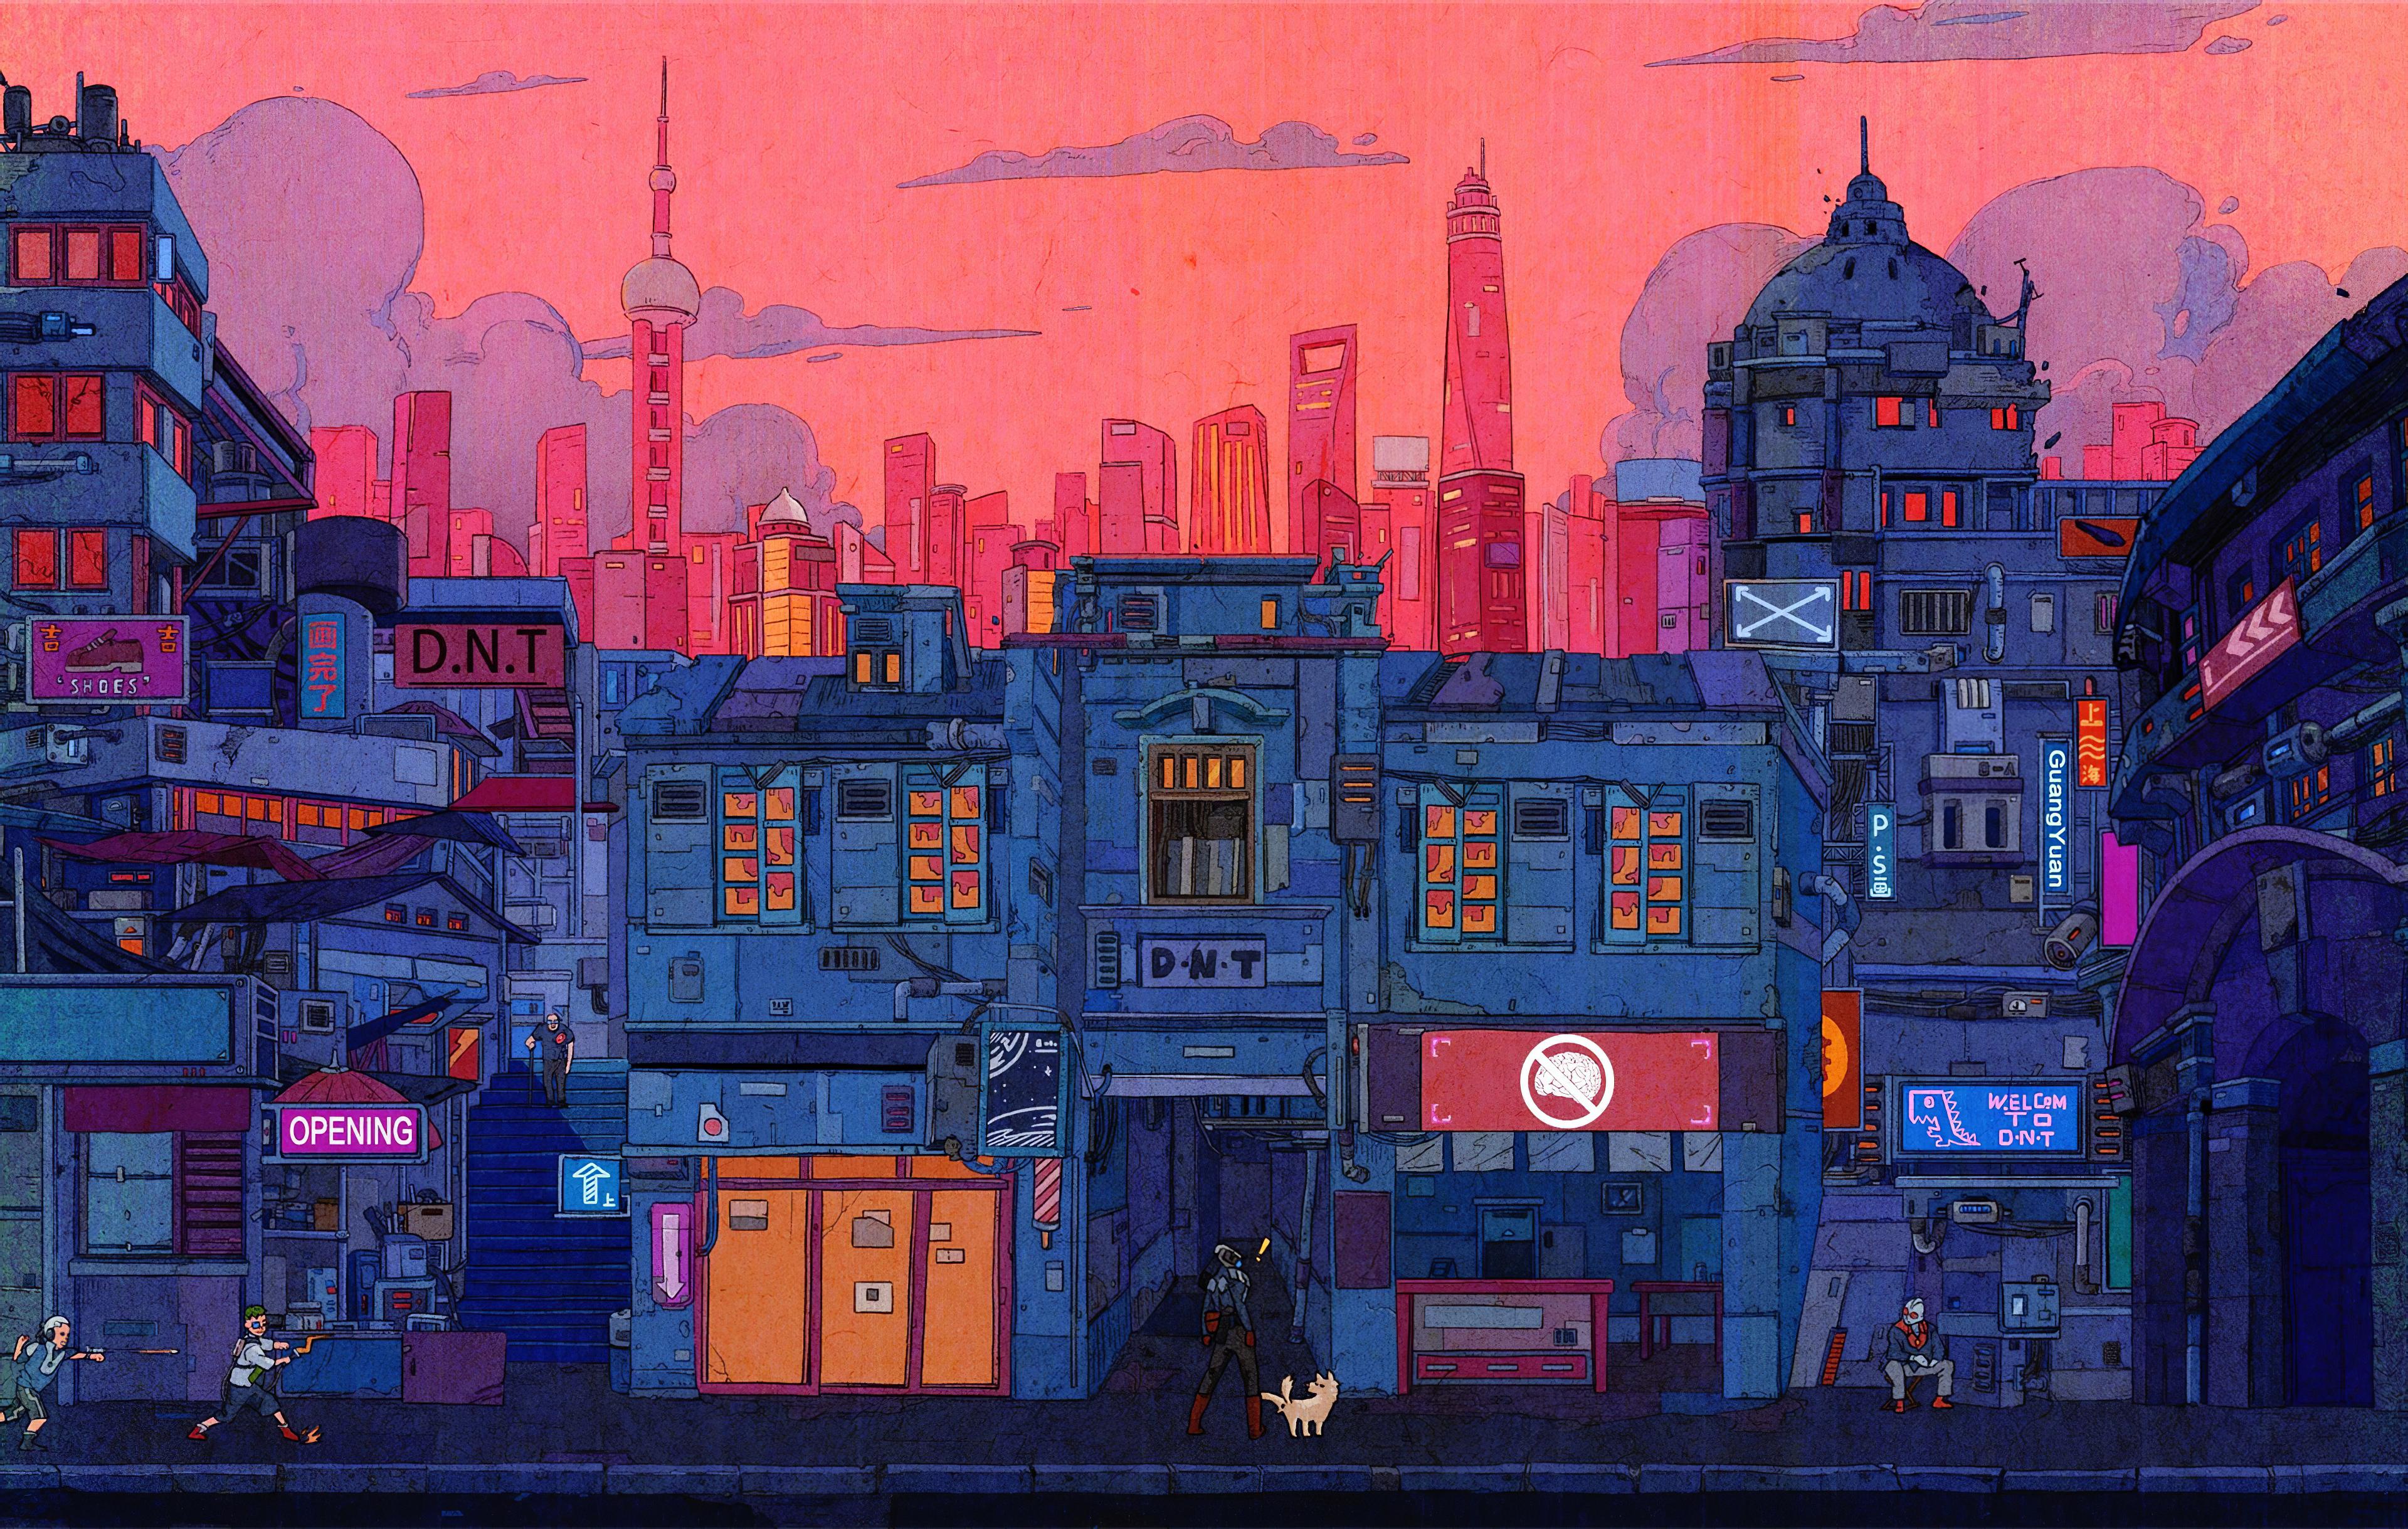 artistic cityscape 1578254730 - Artistic Cityscape -